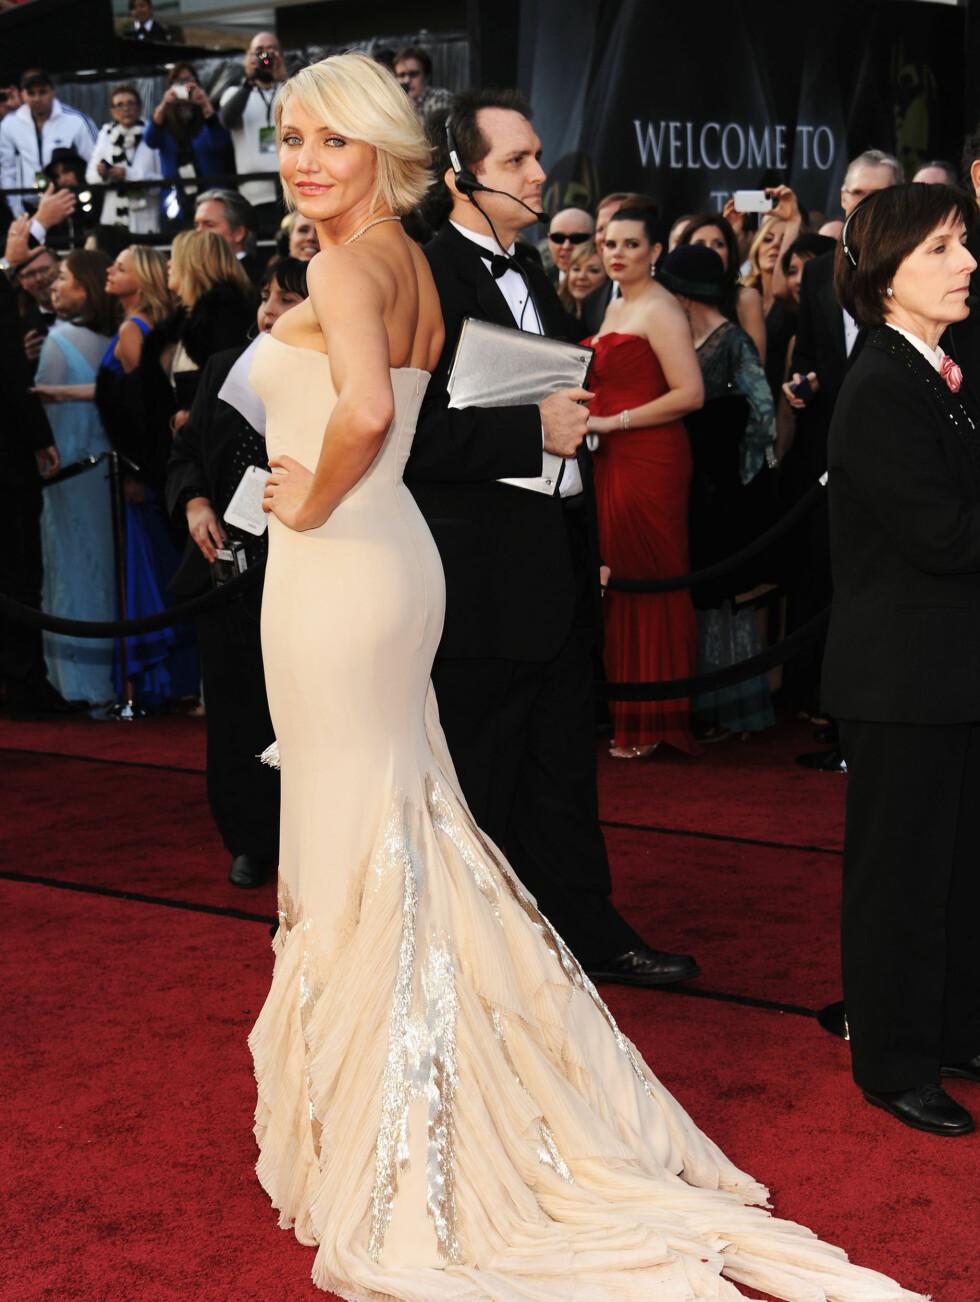 TUNG KJOLE: Cameron Diaz fortalte at slepet på Gucci-kjolen var litt tung, men den sexy kreasjonen viste frem skuespillerens flotte kropp.  Foto: All Over Press